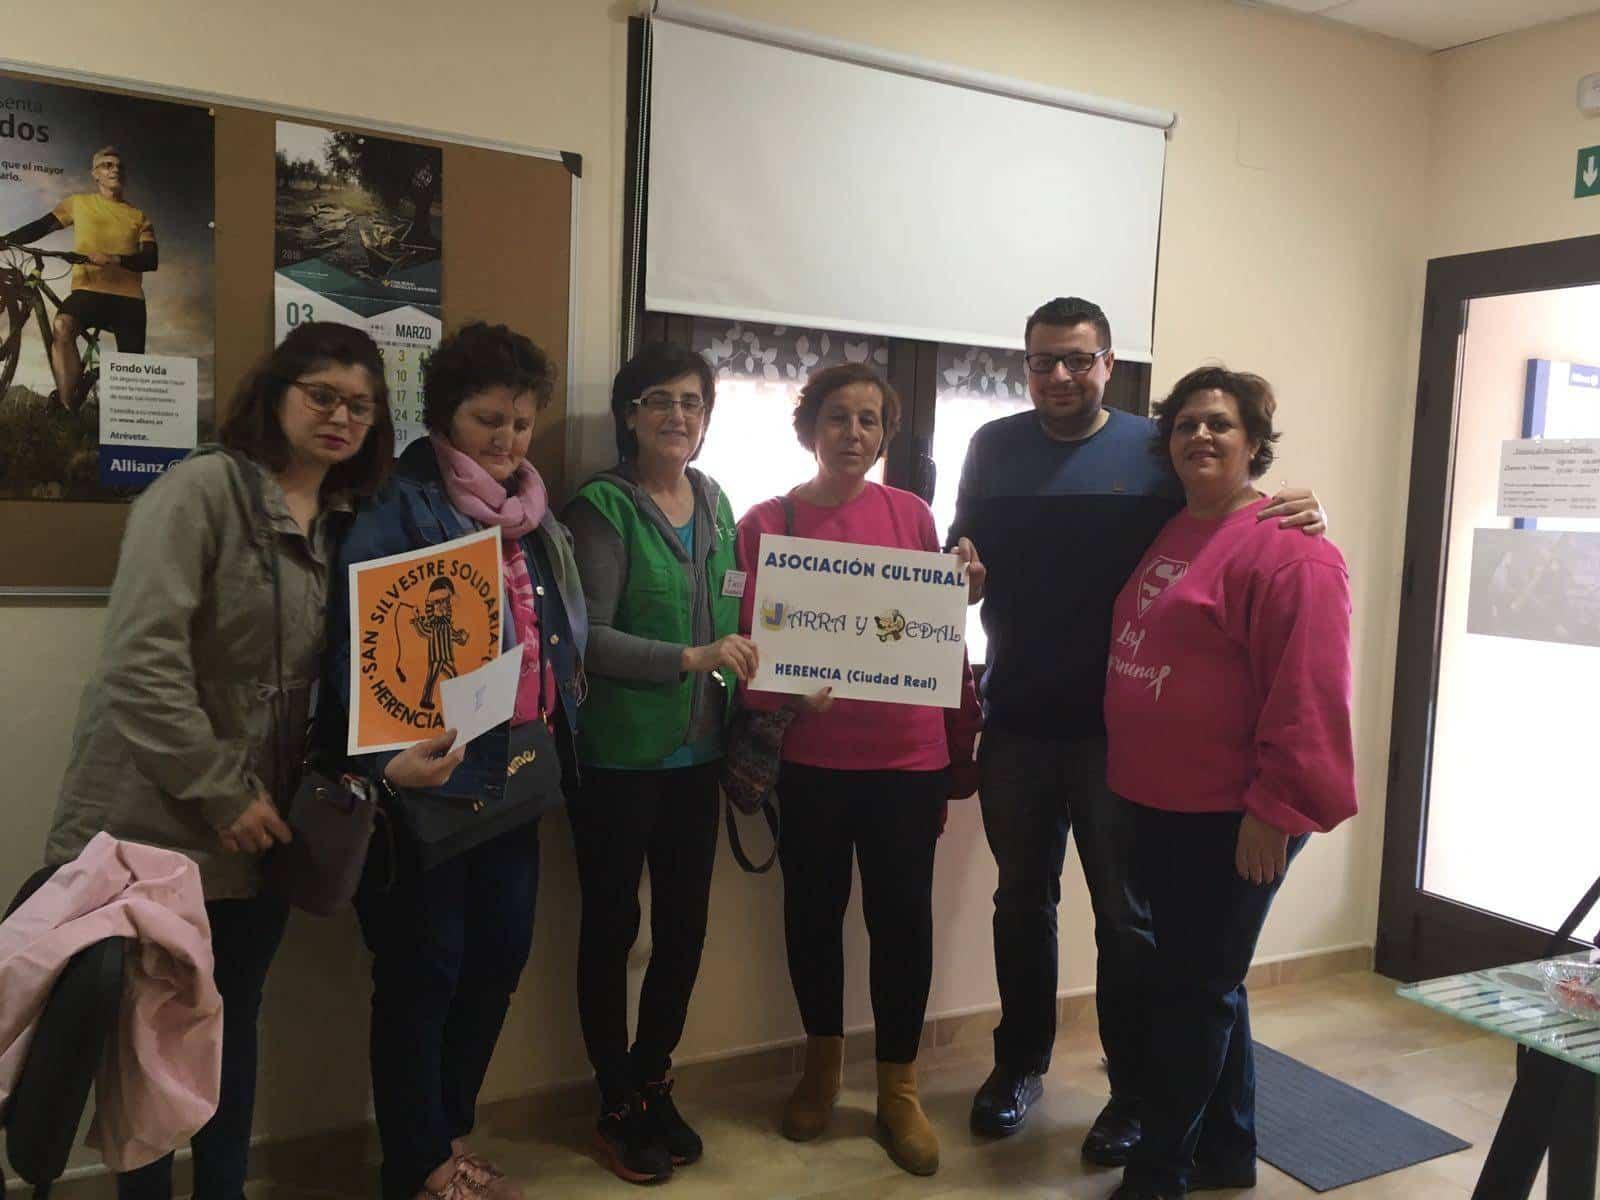 entrega dinero I San Silvestre de Herencia a Las Supernenas y asociacion contra el cancer - Jarra y Pedal entrega lo recaudado en la I San Silvestre